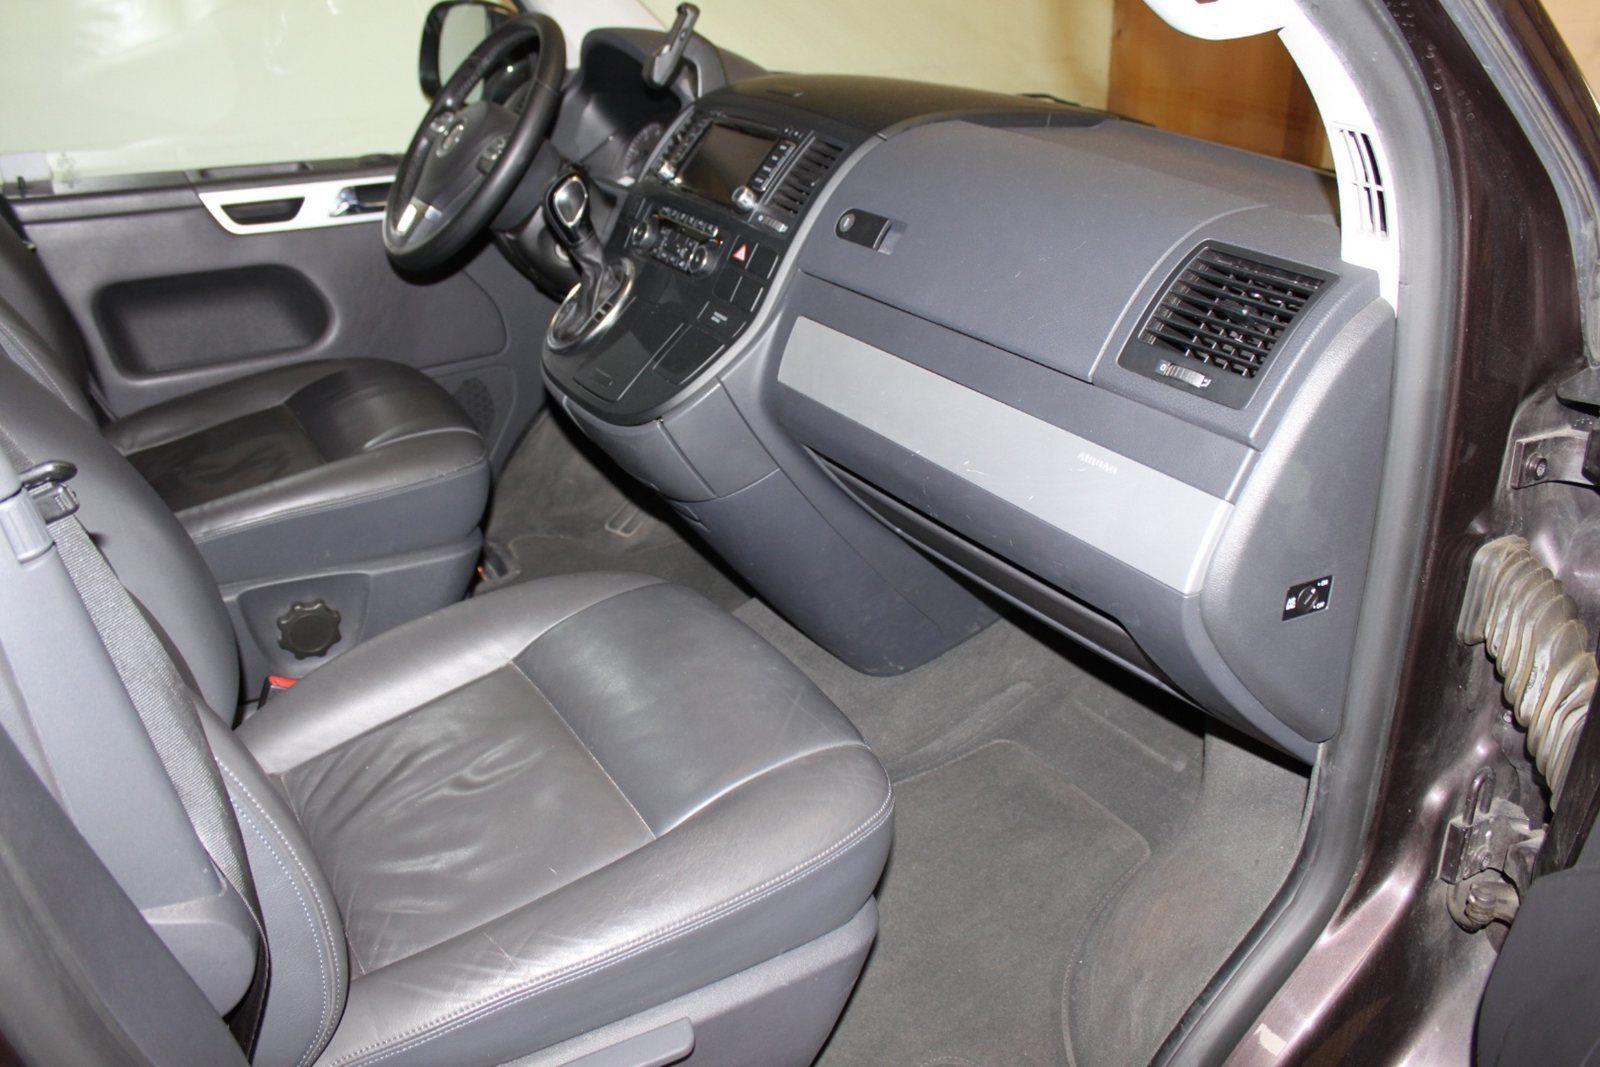 VW Multivan 2,0 TDi 180 Highline DSG kort 4d, Brunmetal